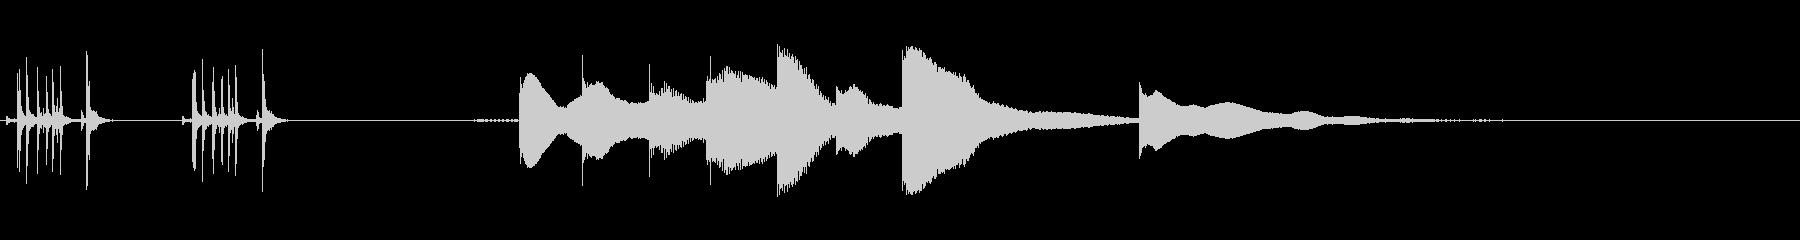 ジングル用オルゴール楽曲06-1の未再生の波形